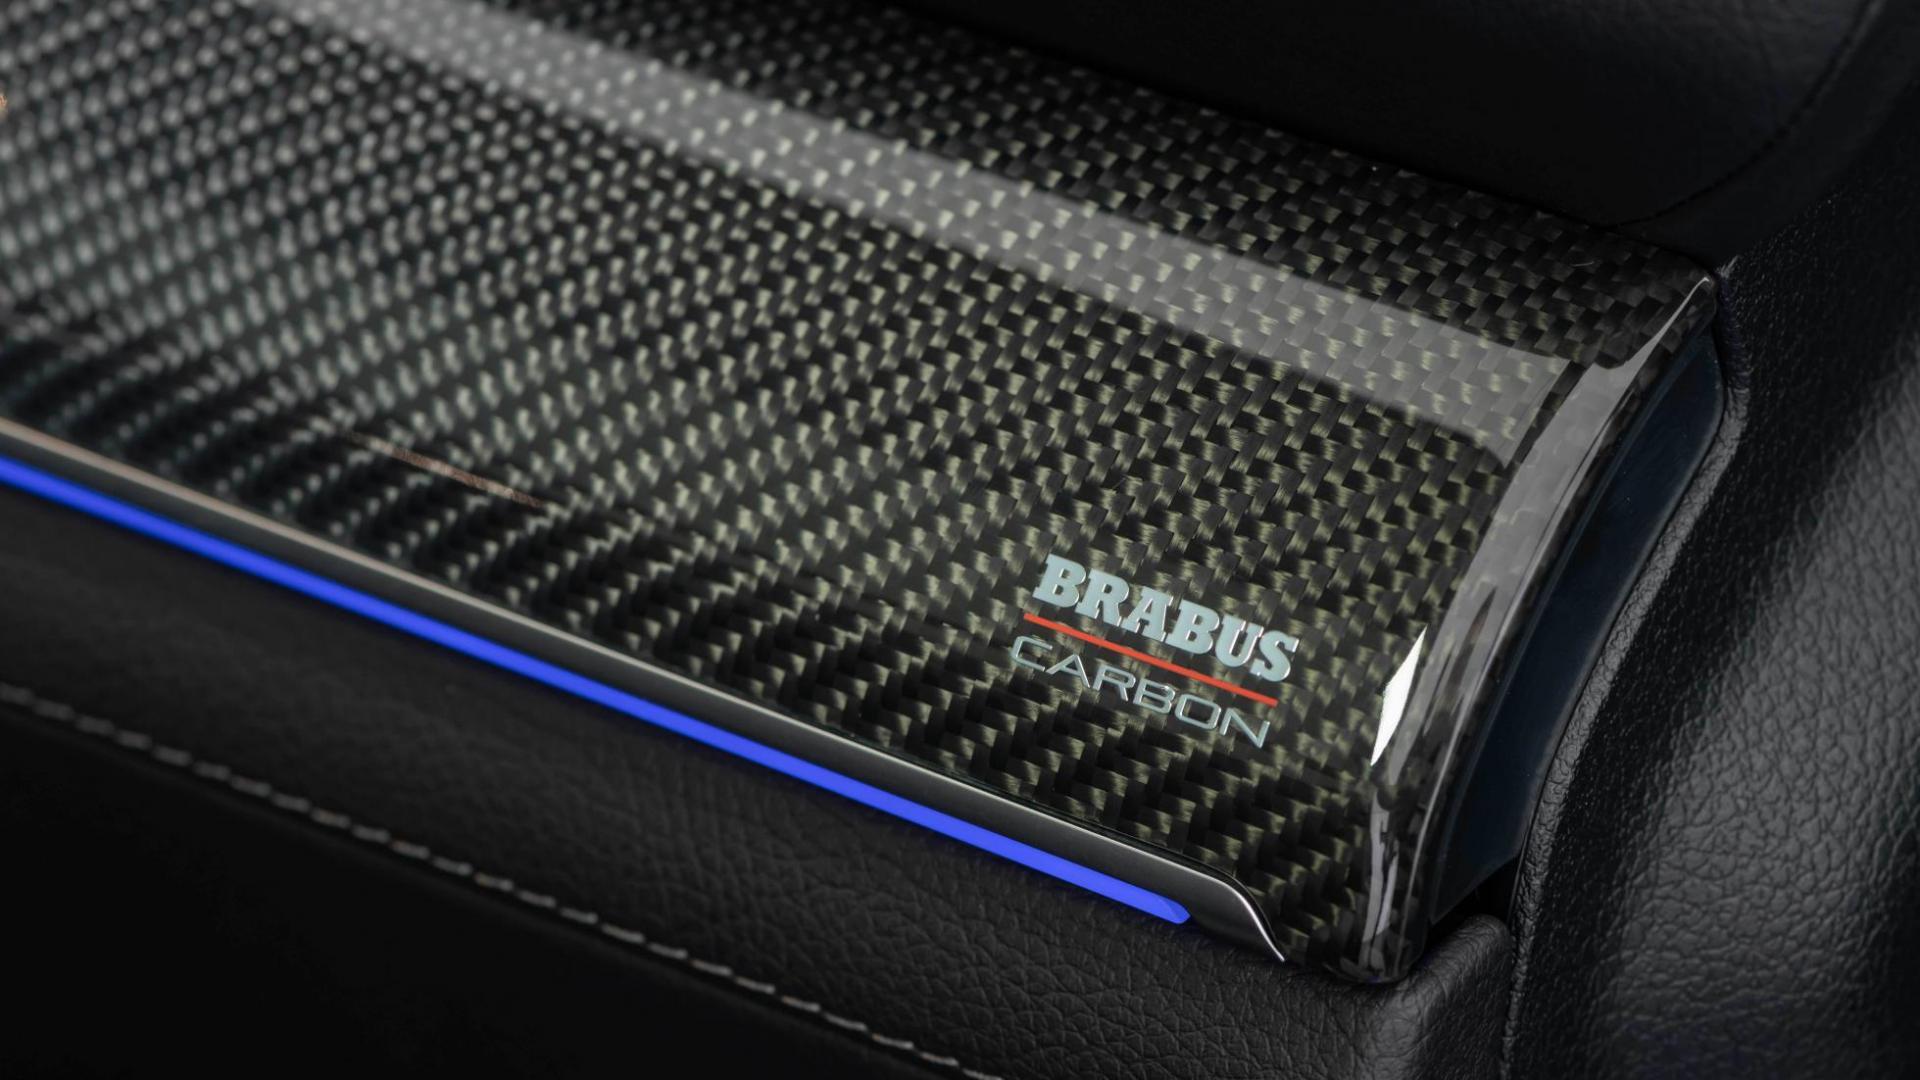 Brabus GLS 800 2021 (Mercedes-AMG GLS 63)